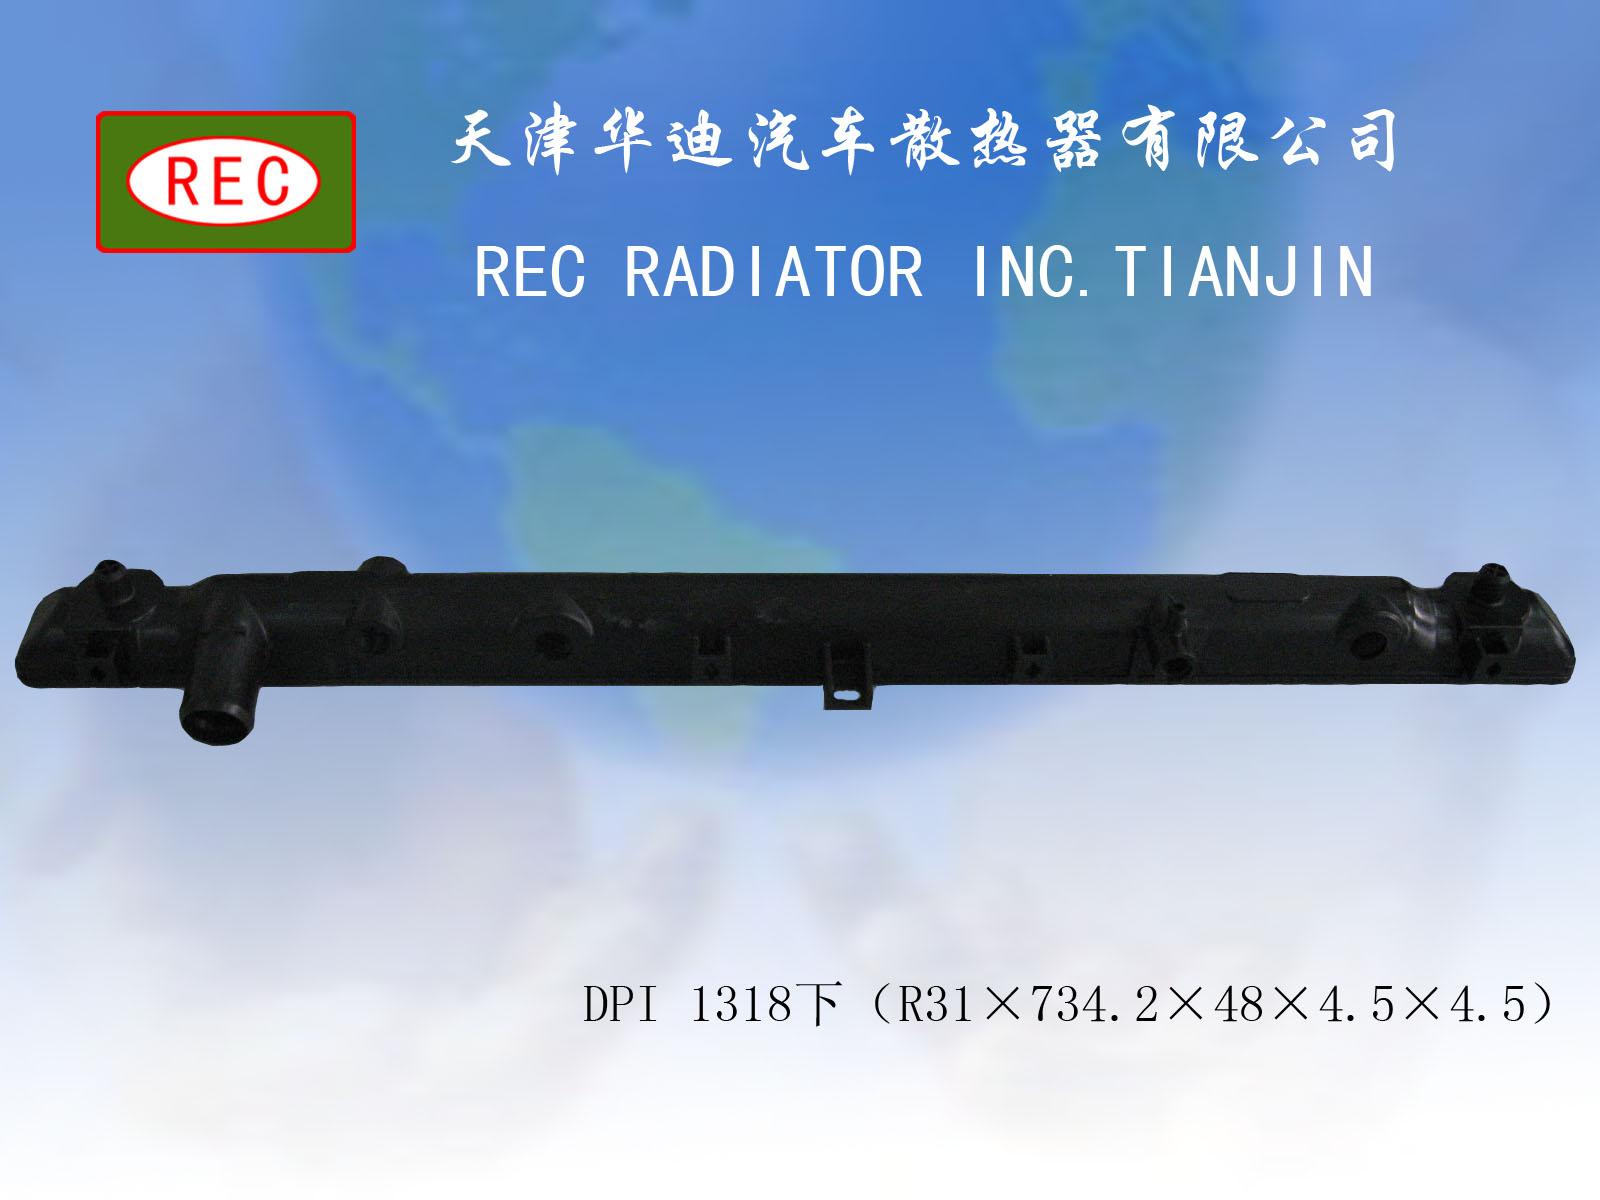 http://i01.i.aliimg.com/photo/v0/224390137/DPI_1318_TOYOTA_auto_radiator_tank.jpg